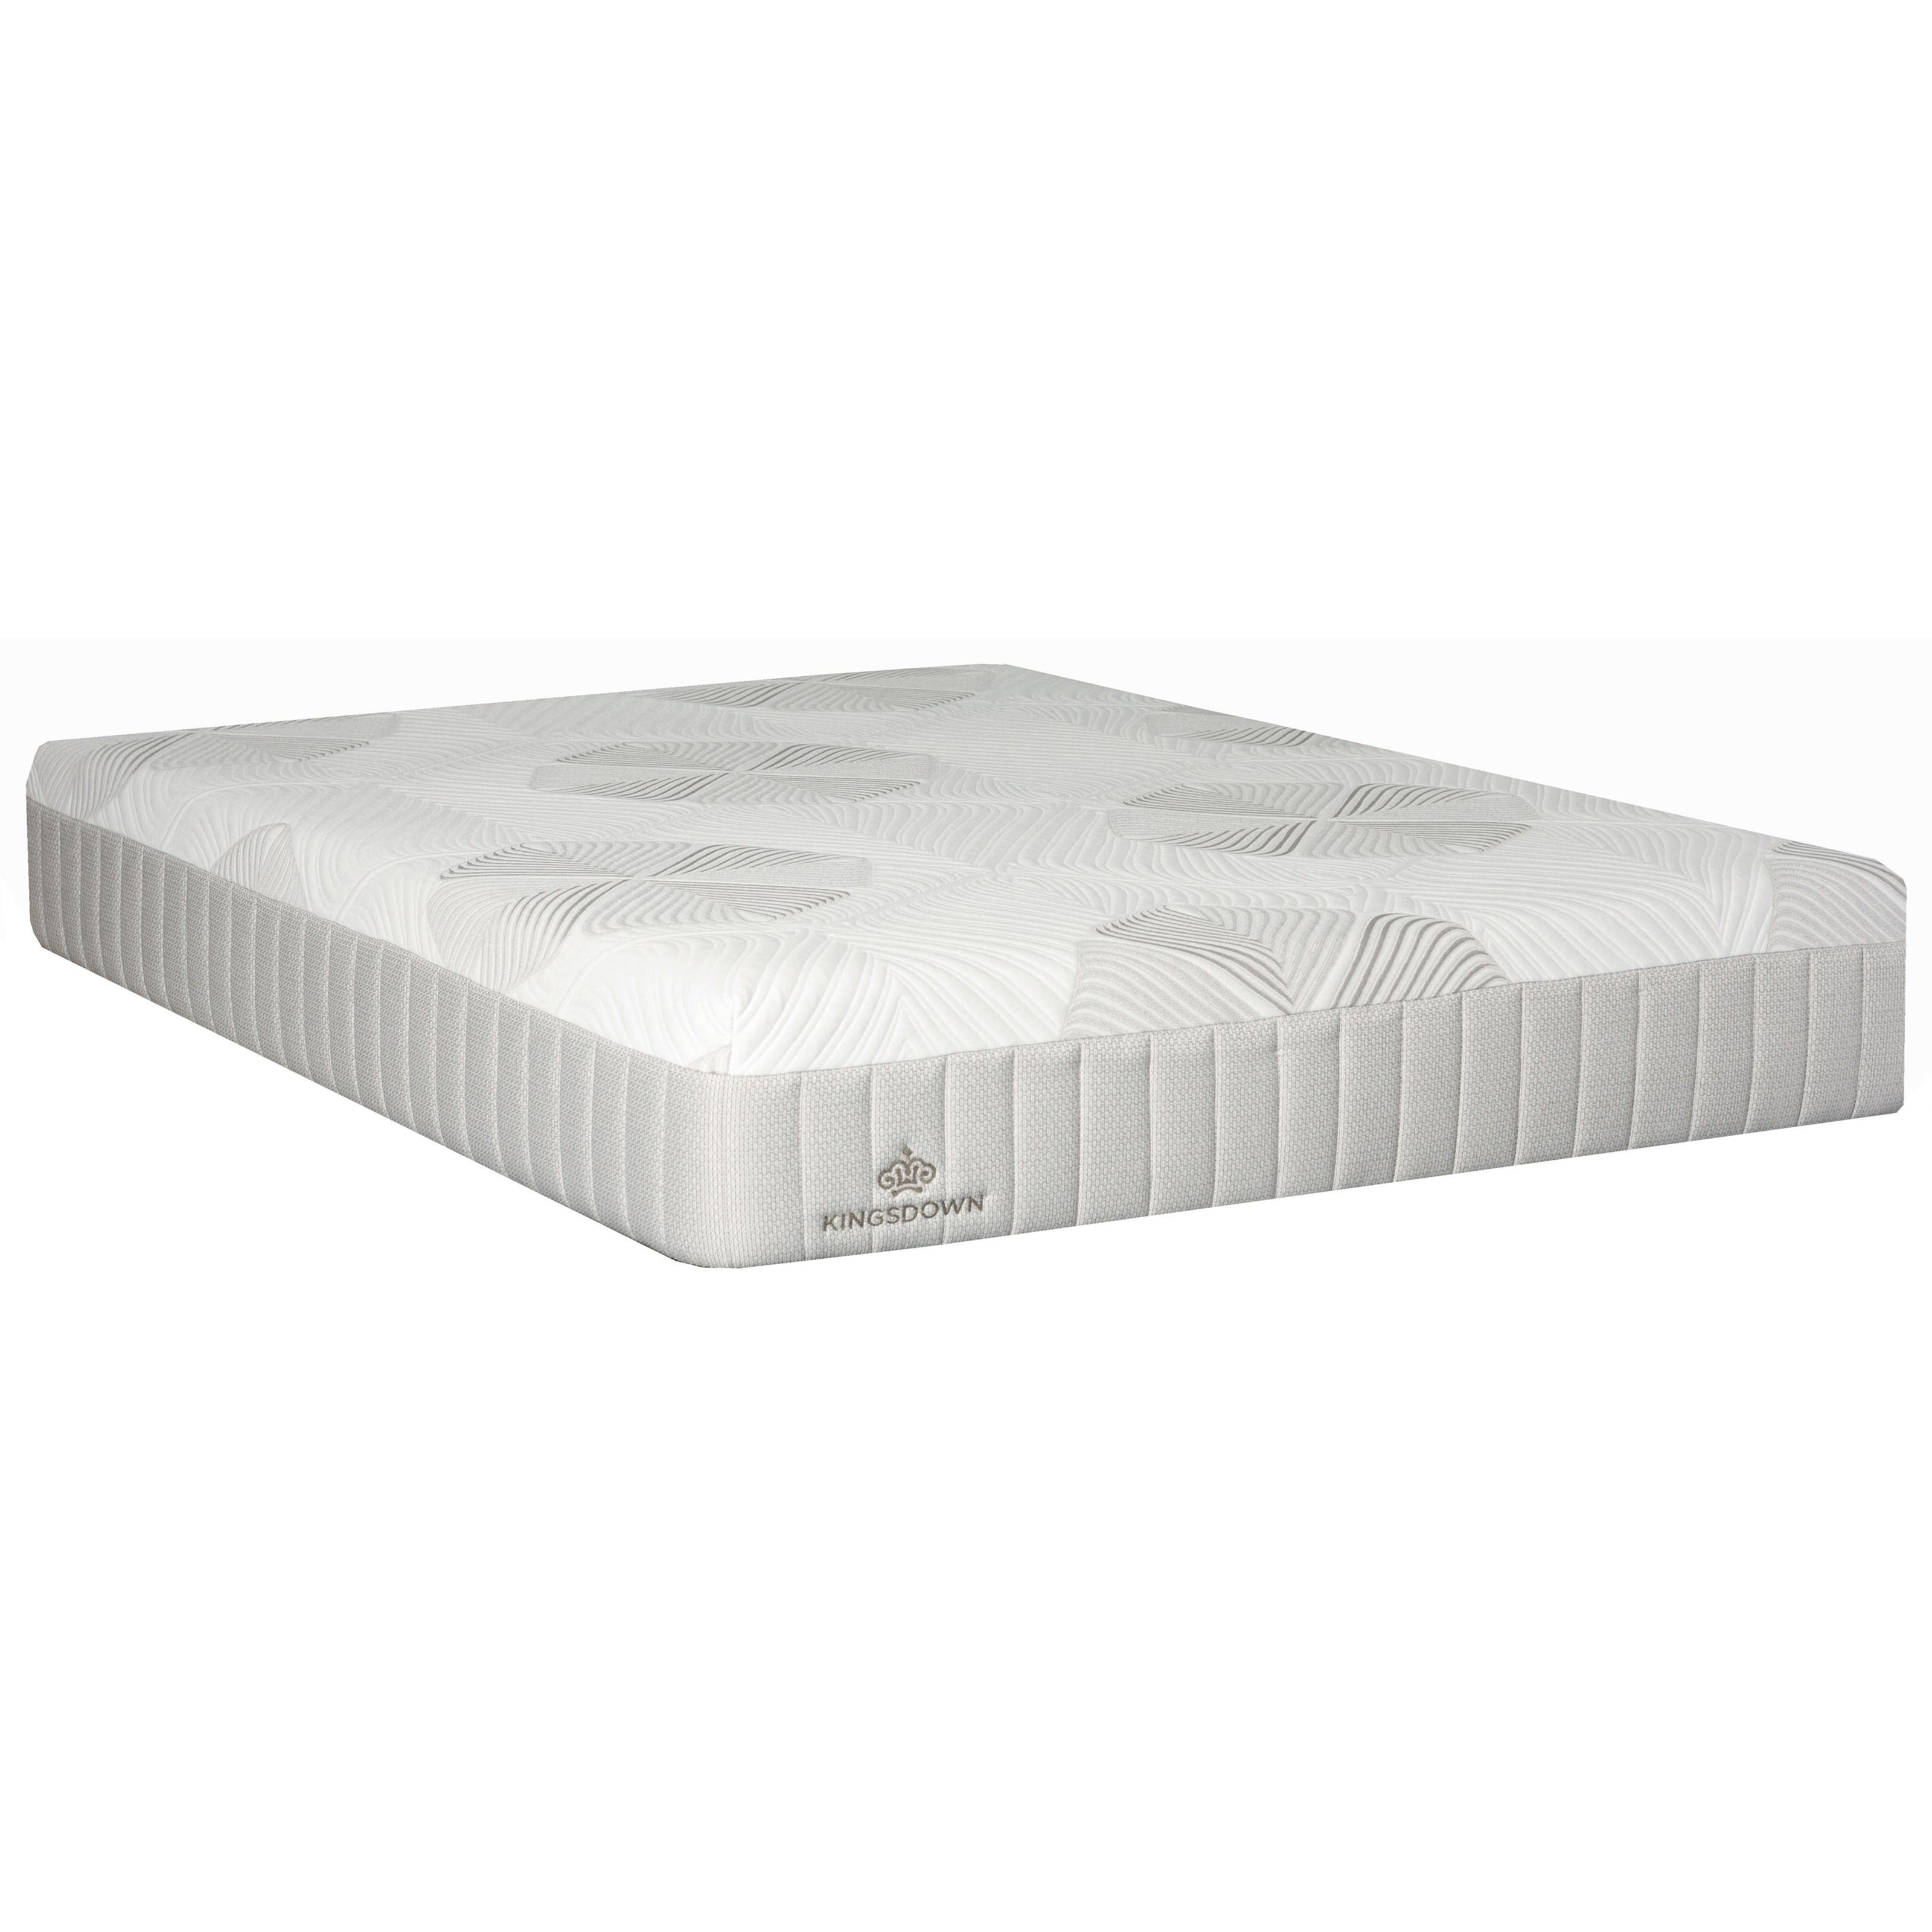 """Miro Whisper Trace Twin XL 12"""" Gel Memory Foam Mattress by Kingsdown at Story & Lee Furniture"""